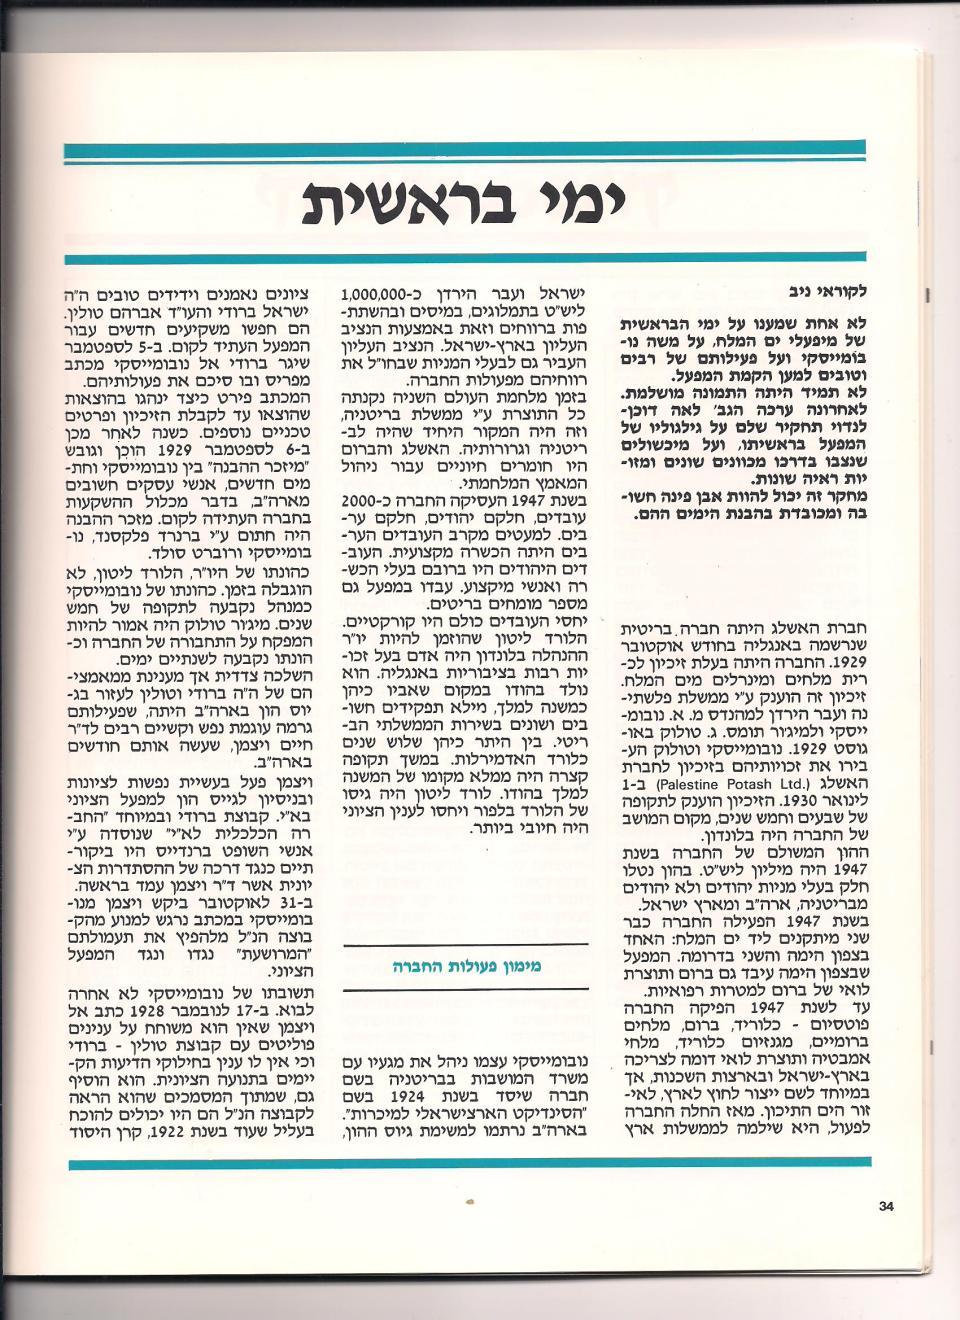 ימי בראשית,פורסם בניב ים המלח, ראש השנה תשמט, ספטמבר 1988 001